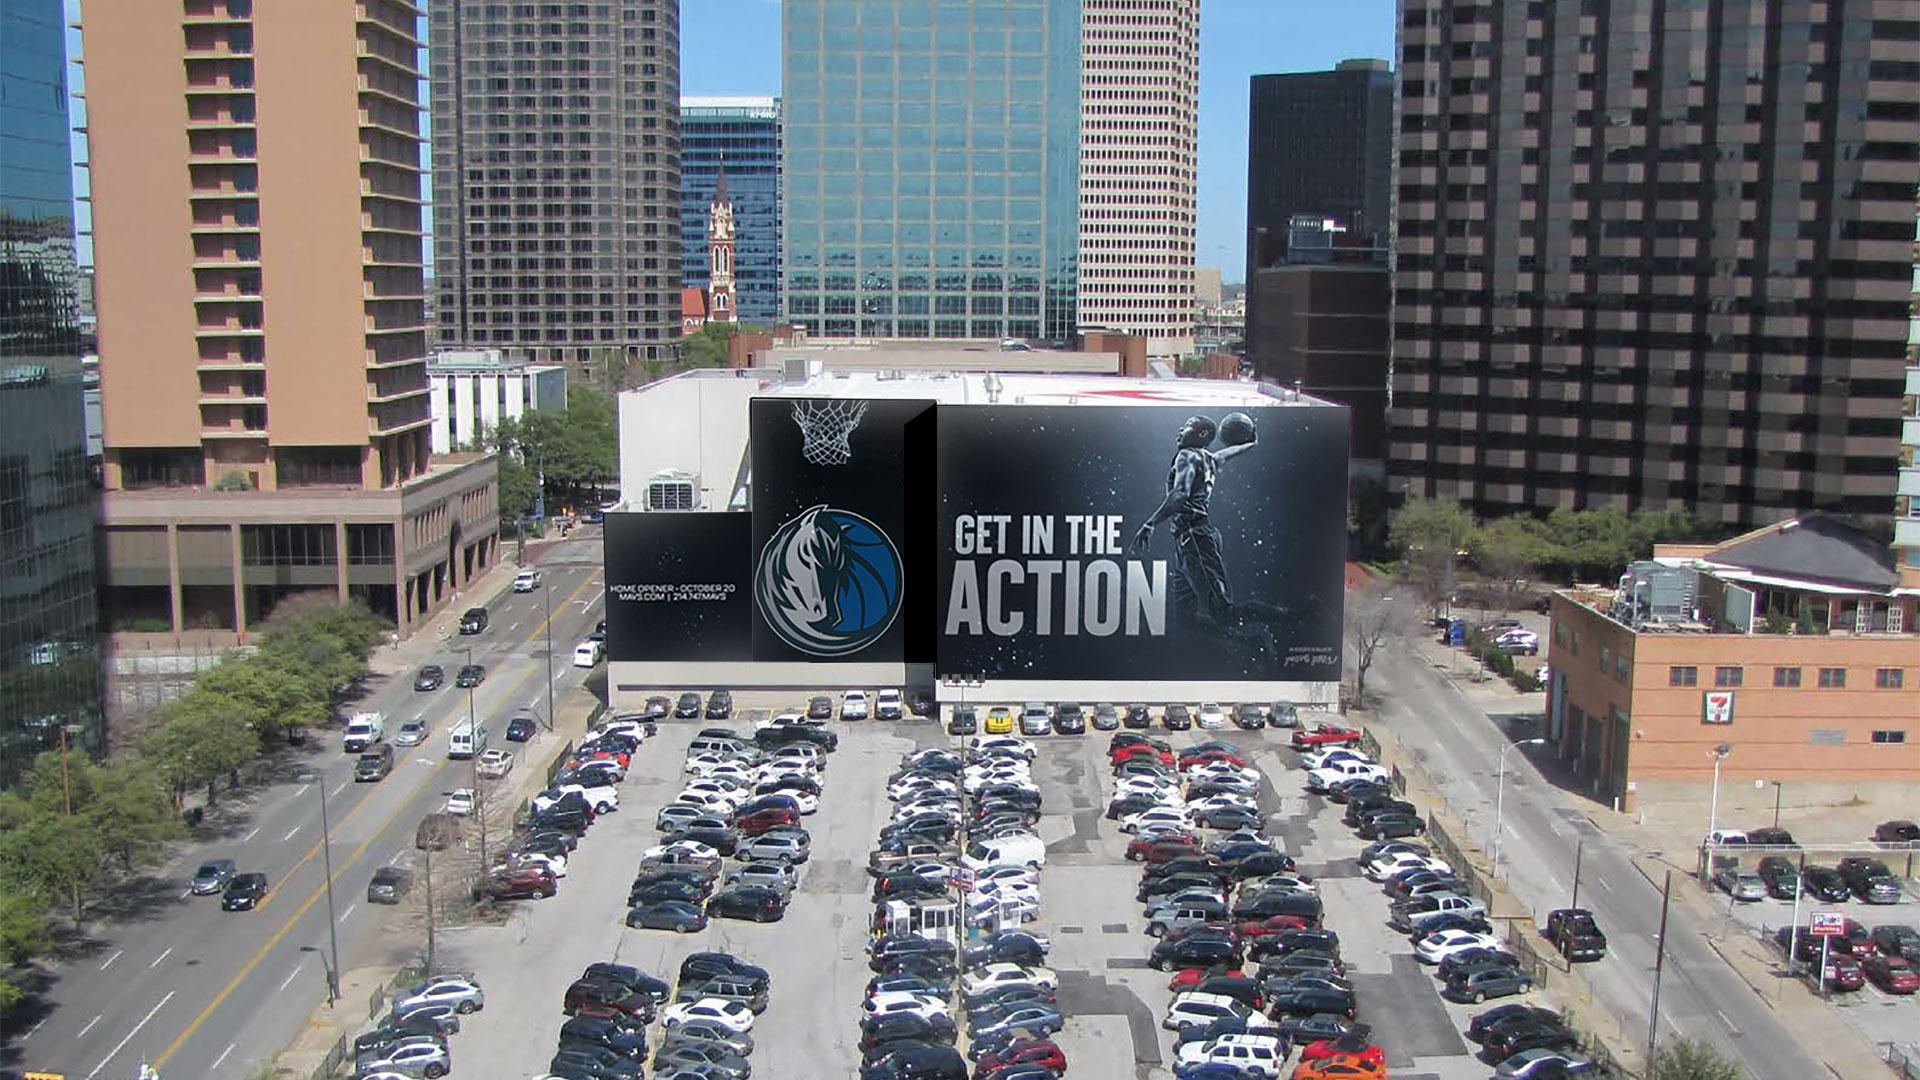 Dallas Mavs Facebook AR Filter Wall Mural